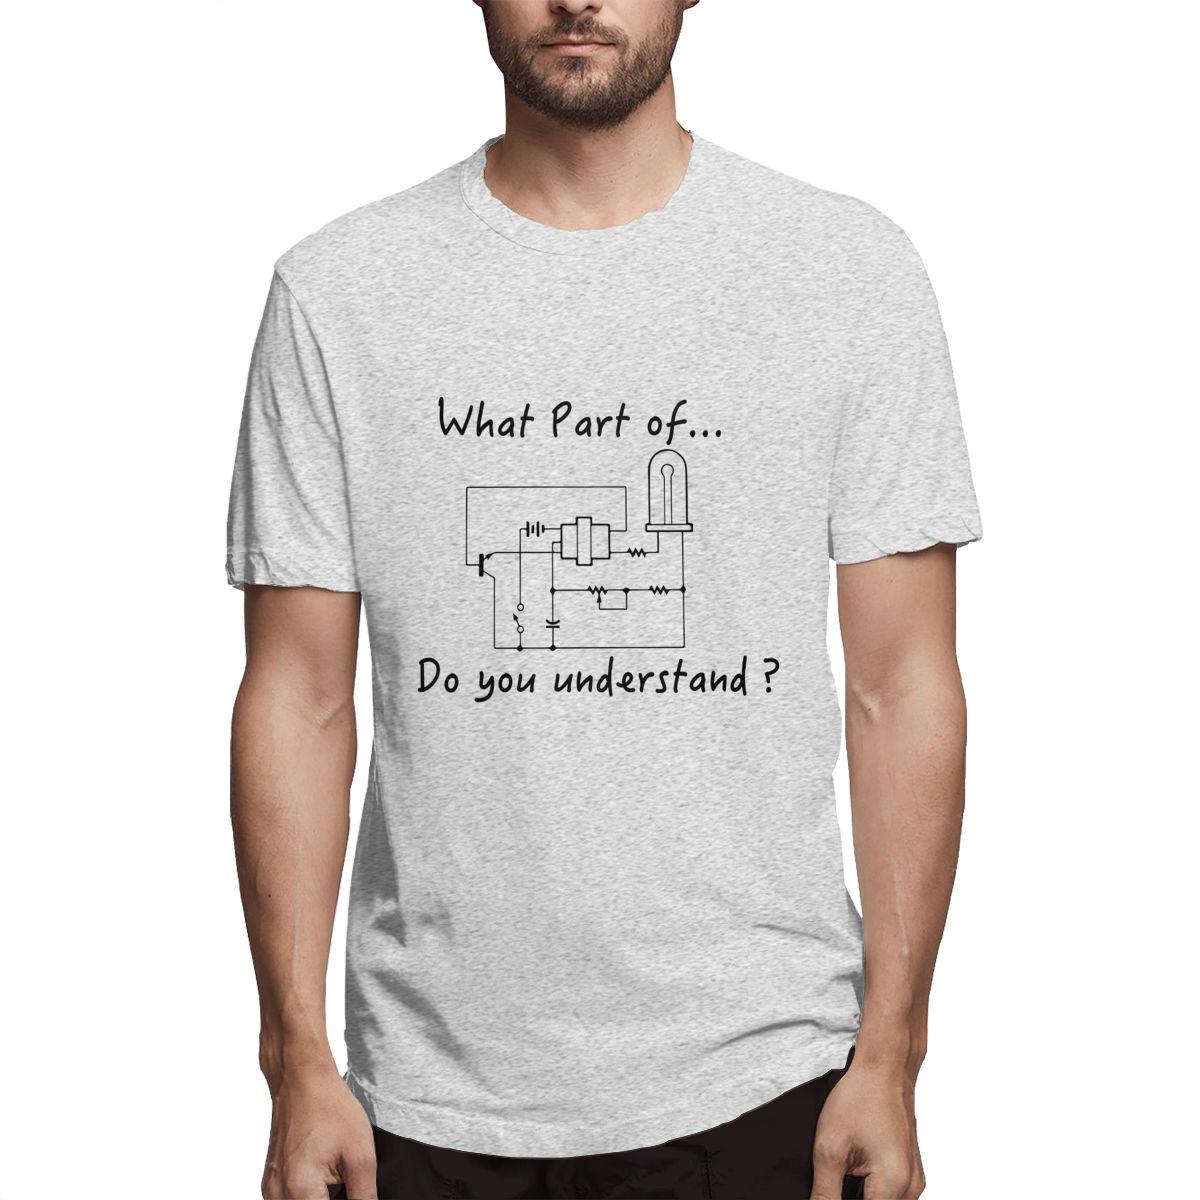 Camiseta de alta calidad para hombre, Camiseta holgada de nuevo diseño estilo callejero qué parte del circuito impreso para hombre, camiseta informal de manga corta de algodón